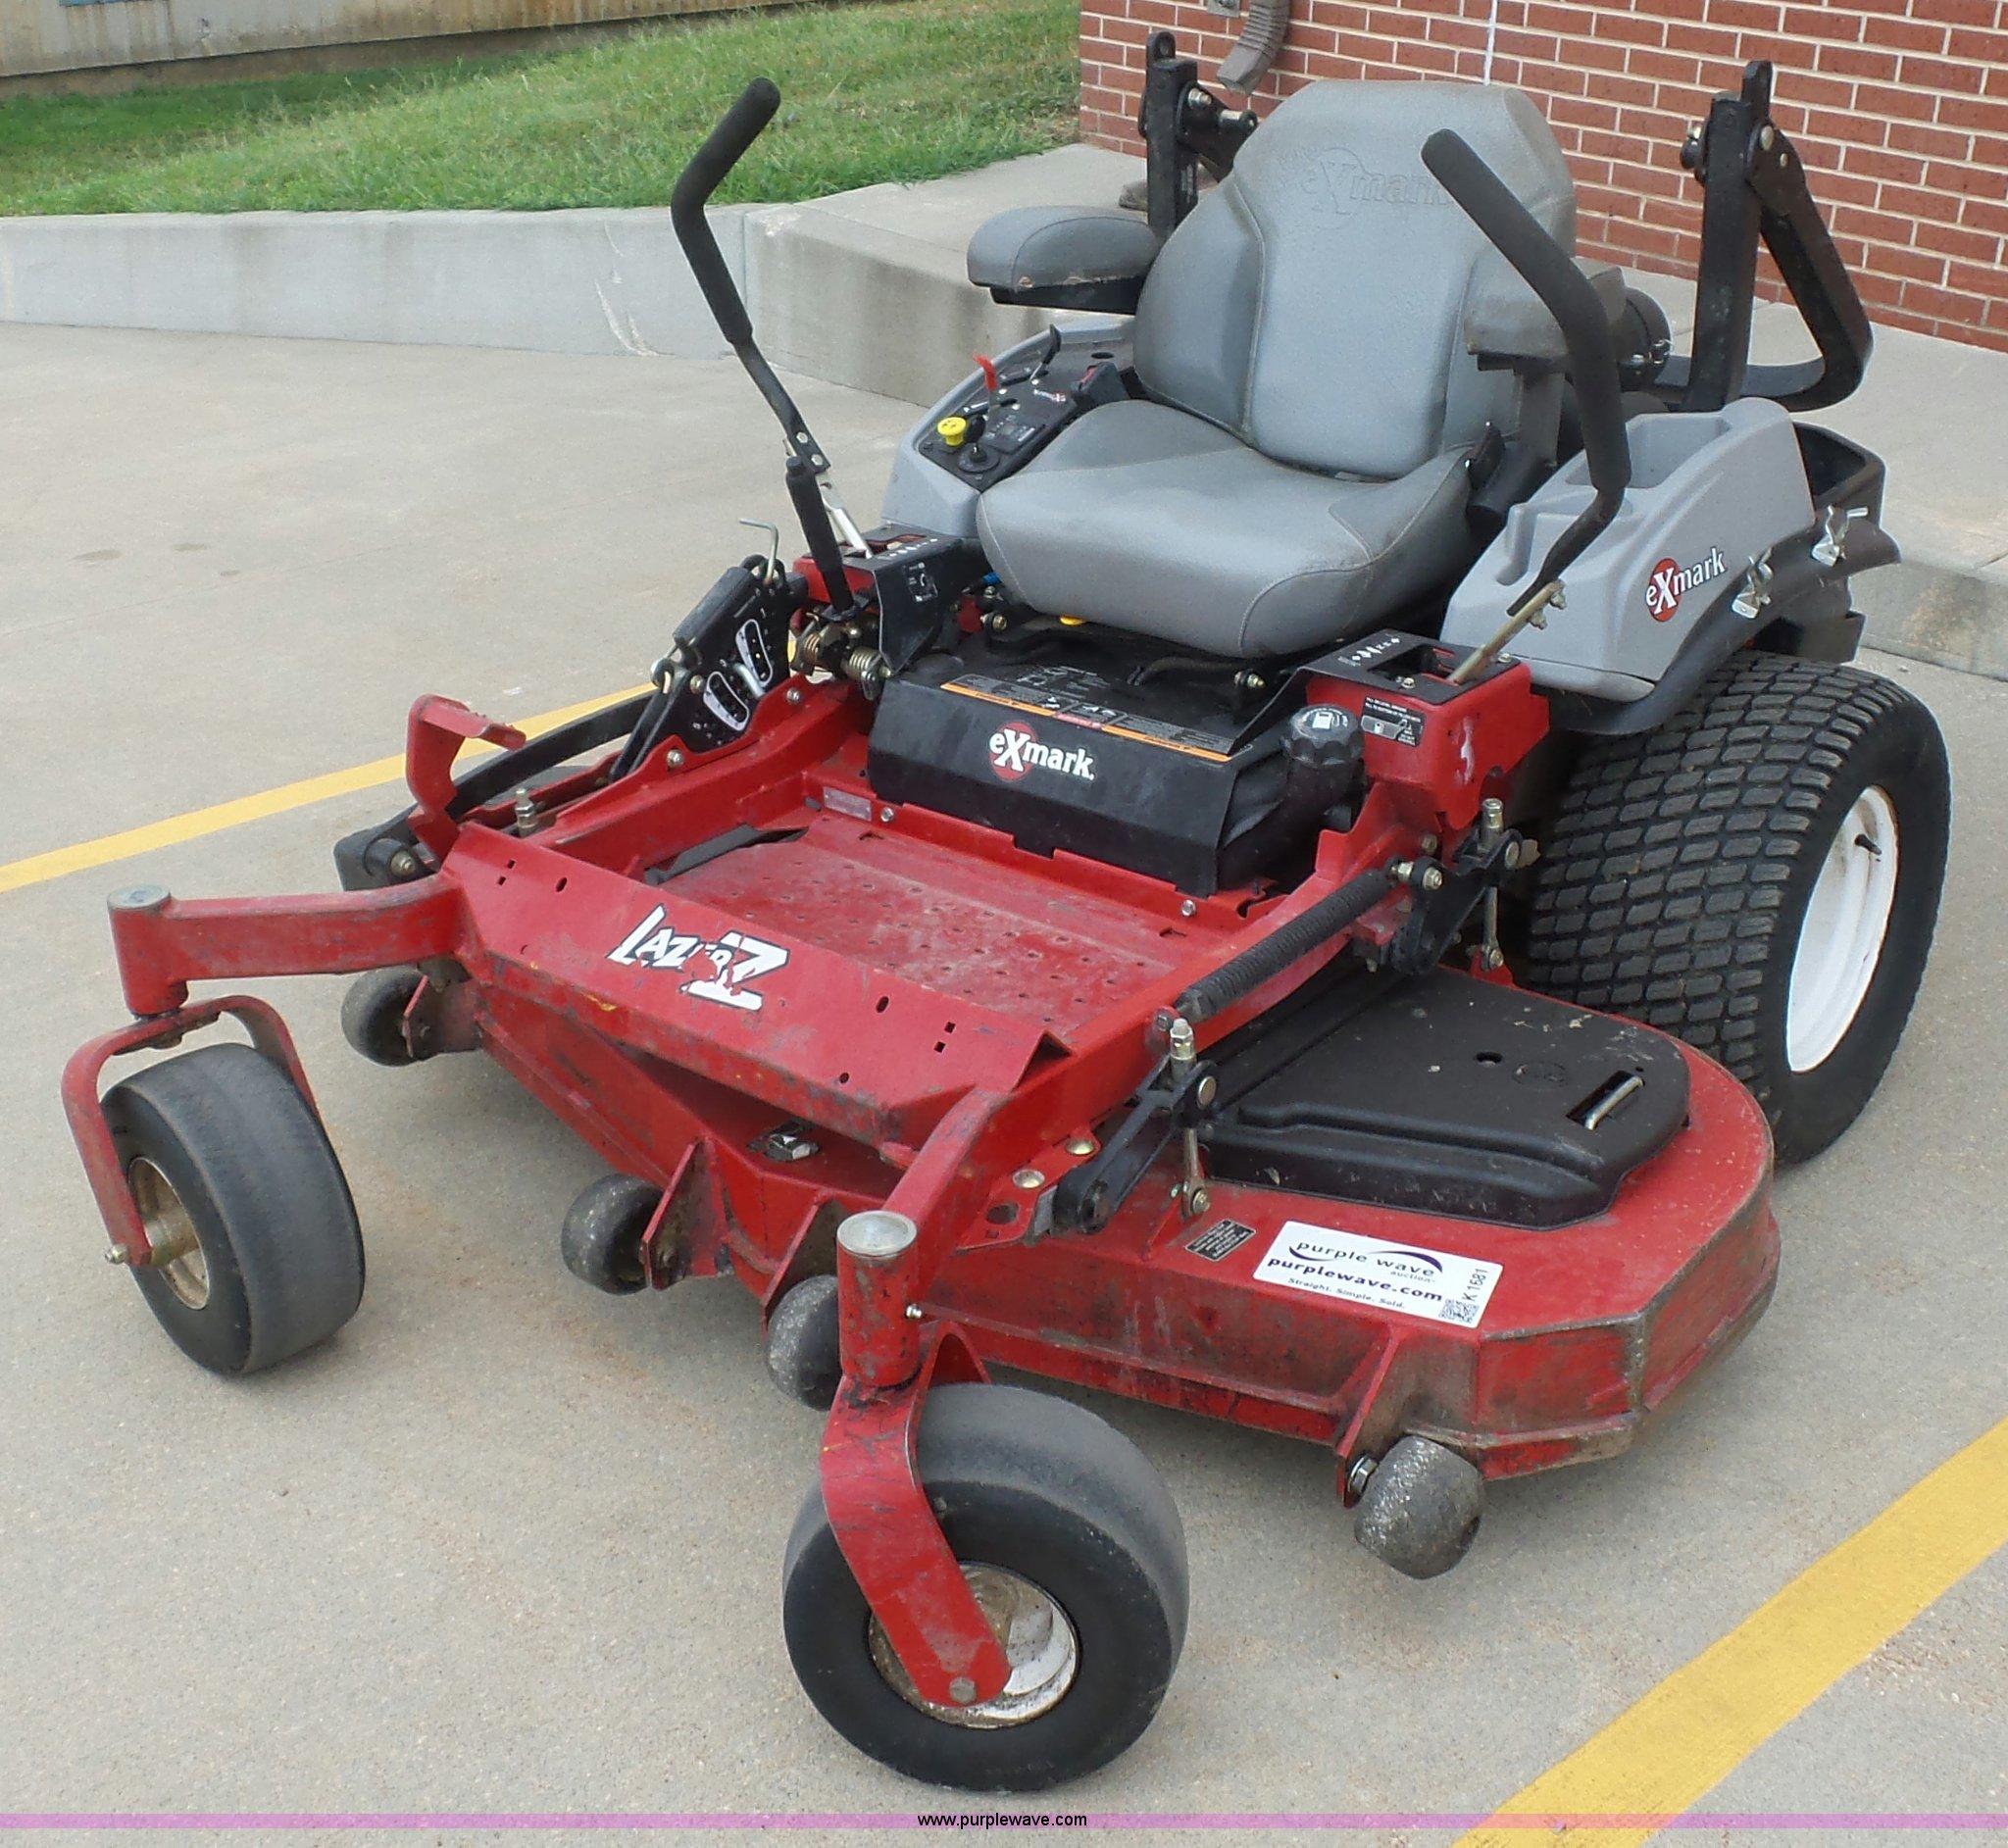 Exmark X Series Lazer Z ZTR lawn mower | Item K1681 | SOLD!